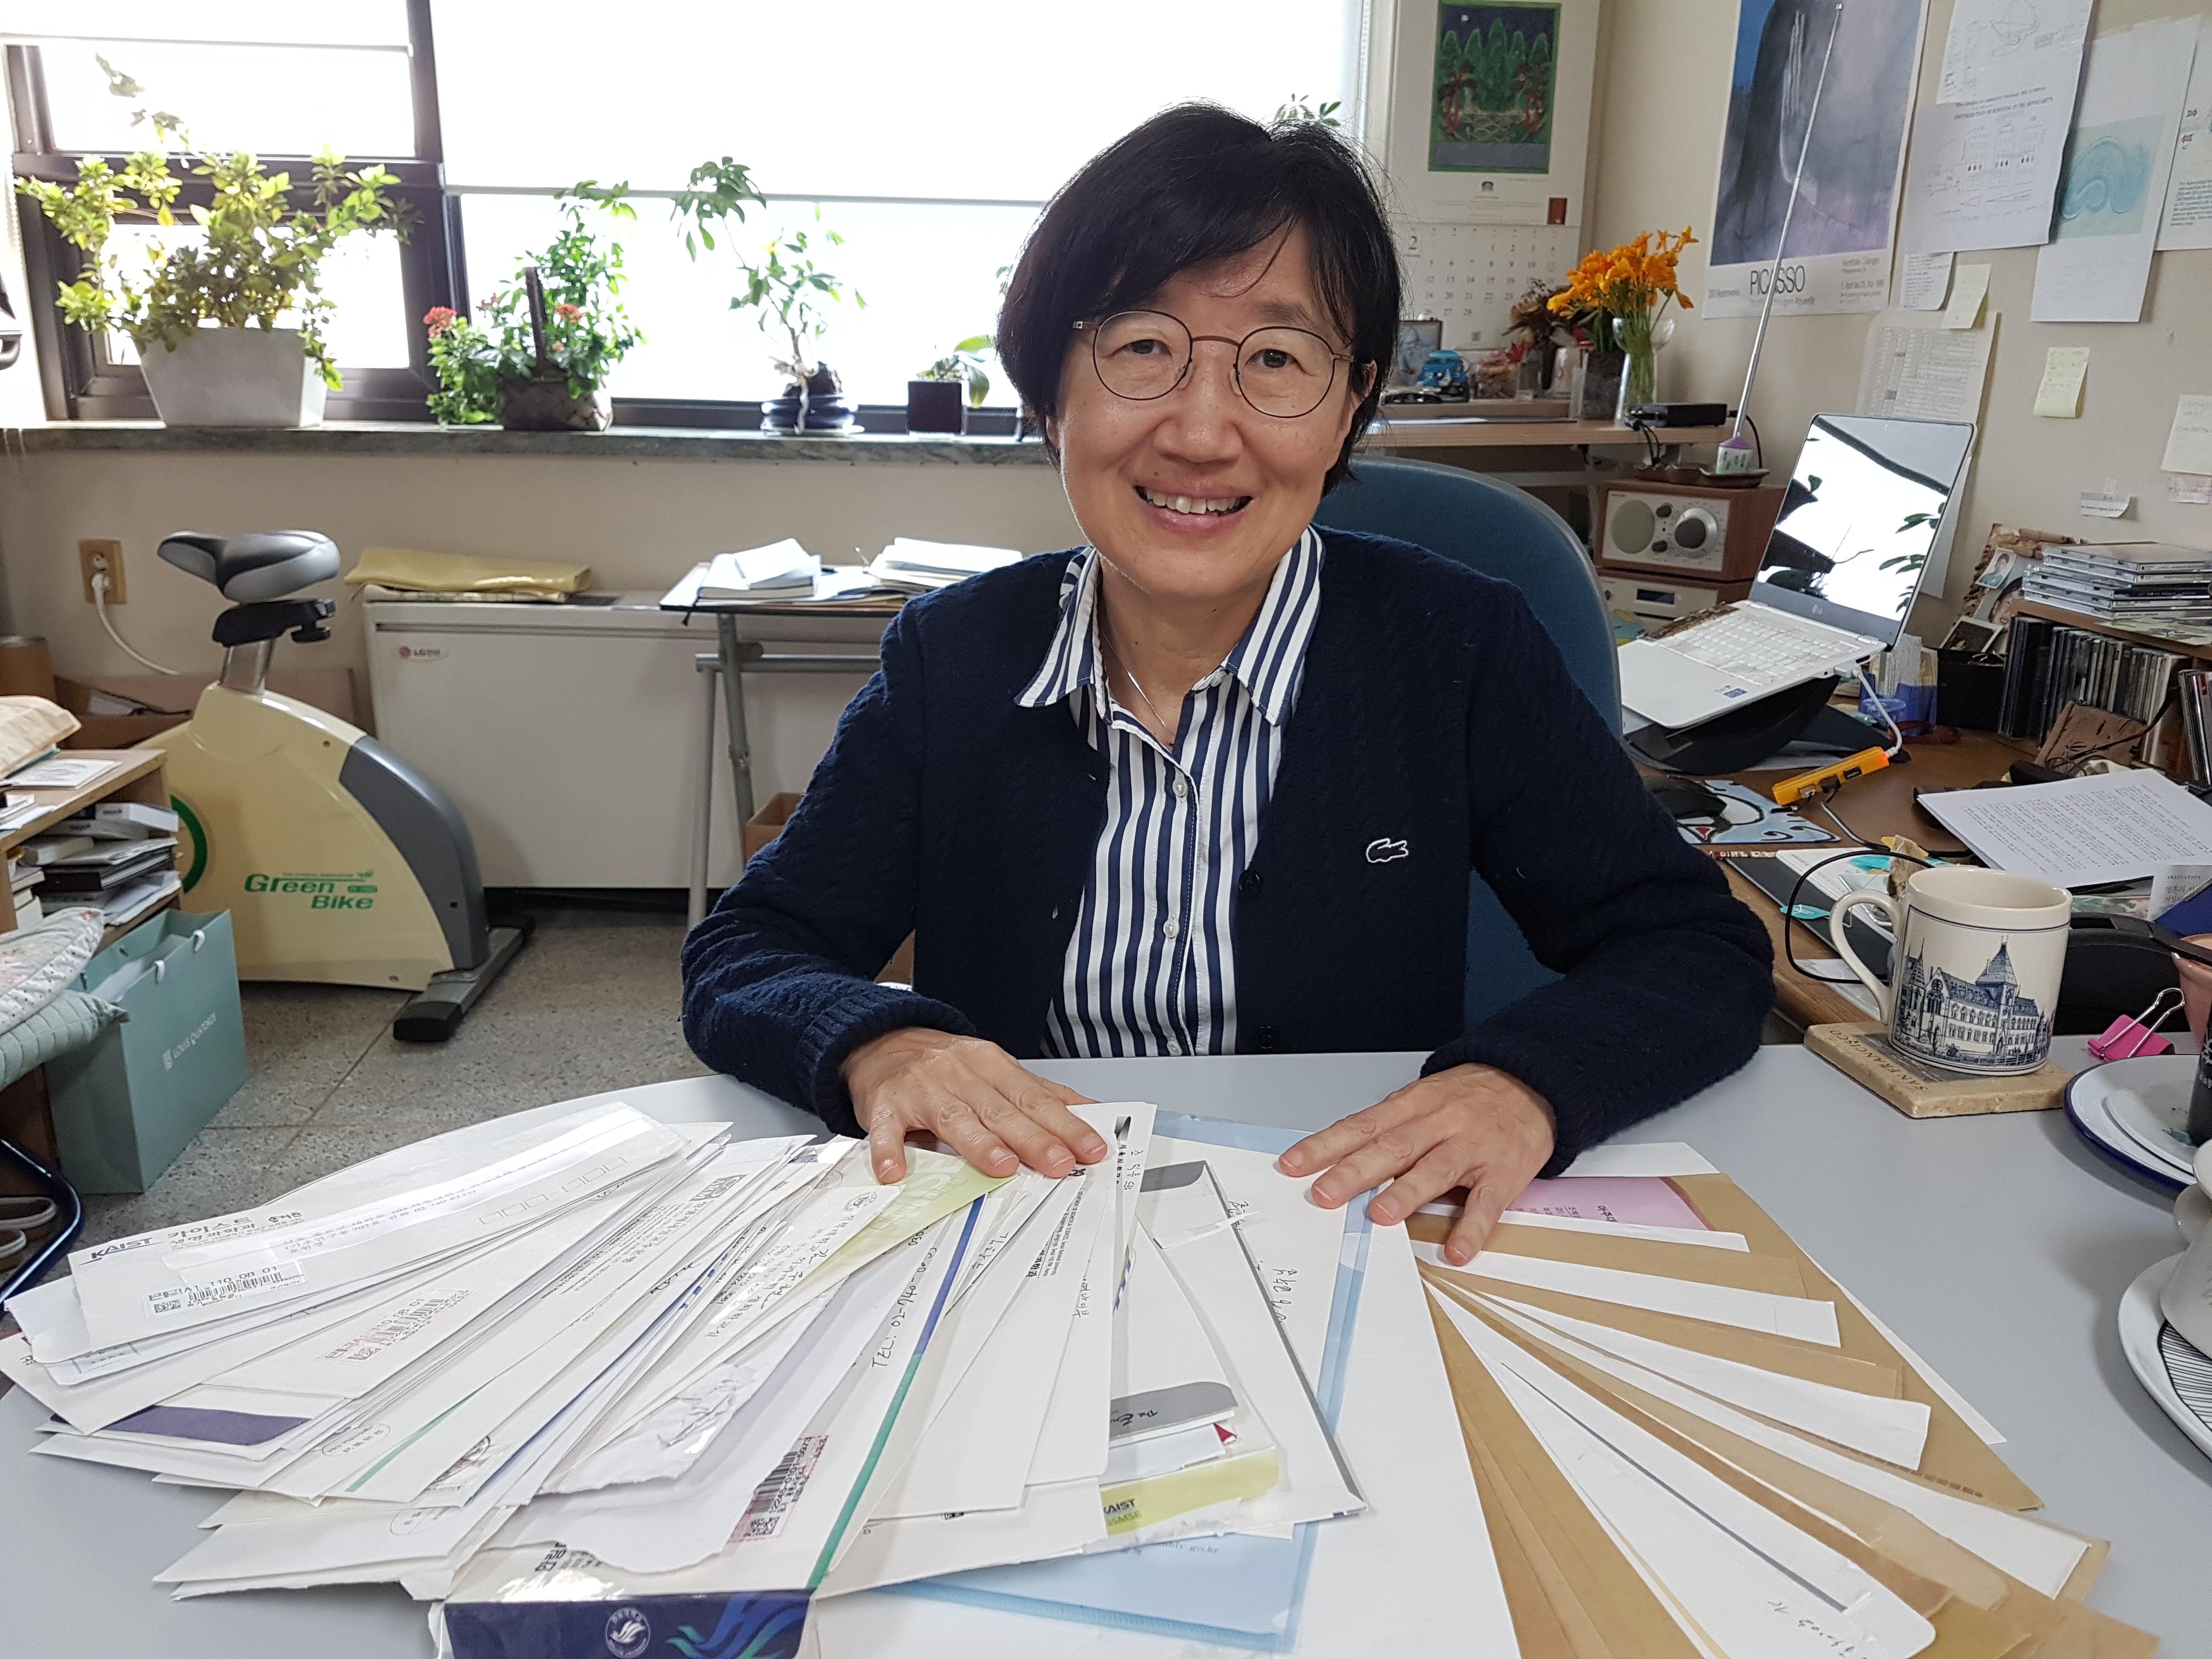 호원경 서울대 의대 교수가 자신의 연구실에서 2016녀 당시 기초연구비 확대를 요구하는 국회청원을 진행하던 당시 받았던 우편물을 바라보고 있다.